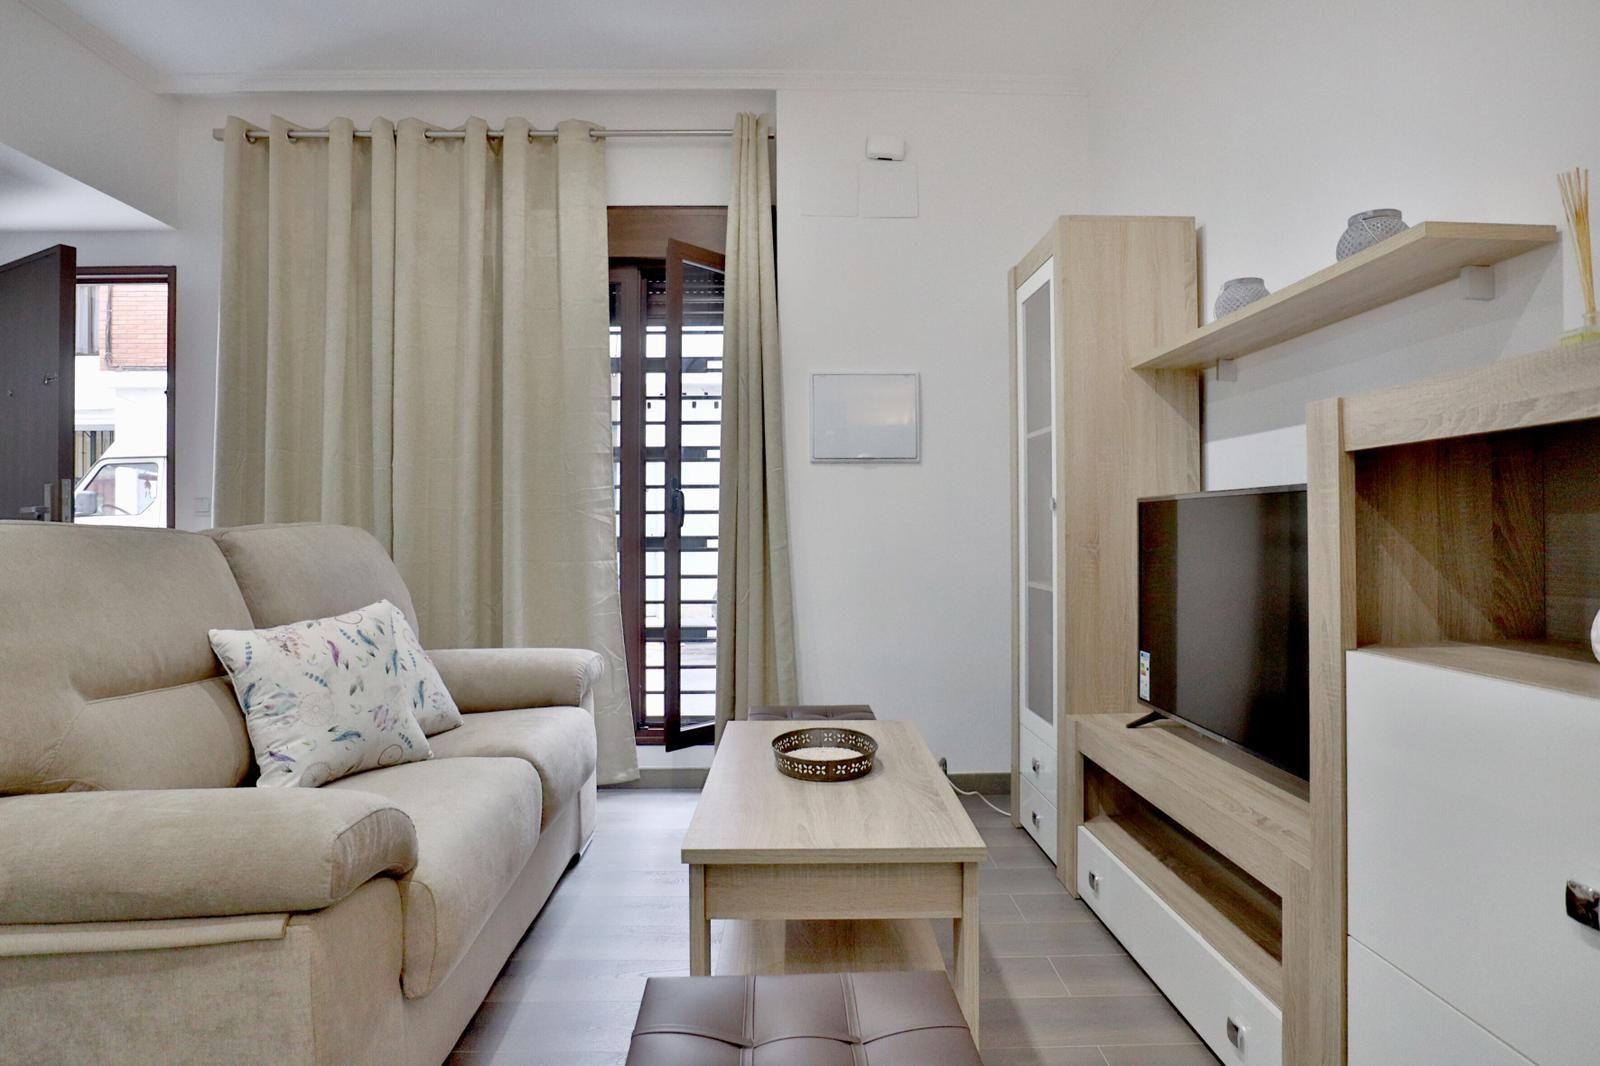 Apartamento en Cordoba, BARRIO NARANJO - MIRABUENO, alquiler